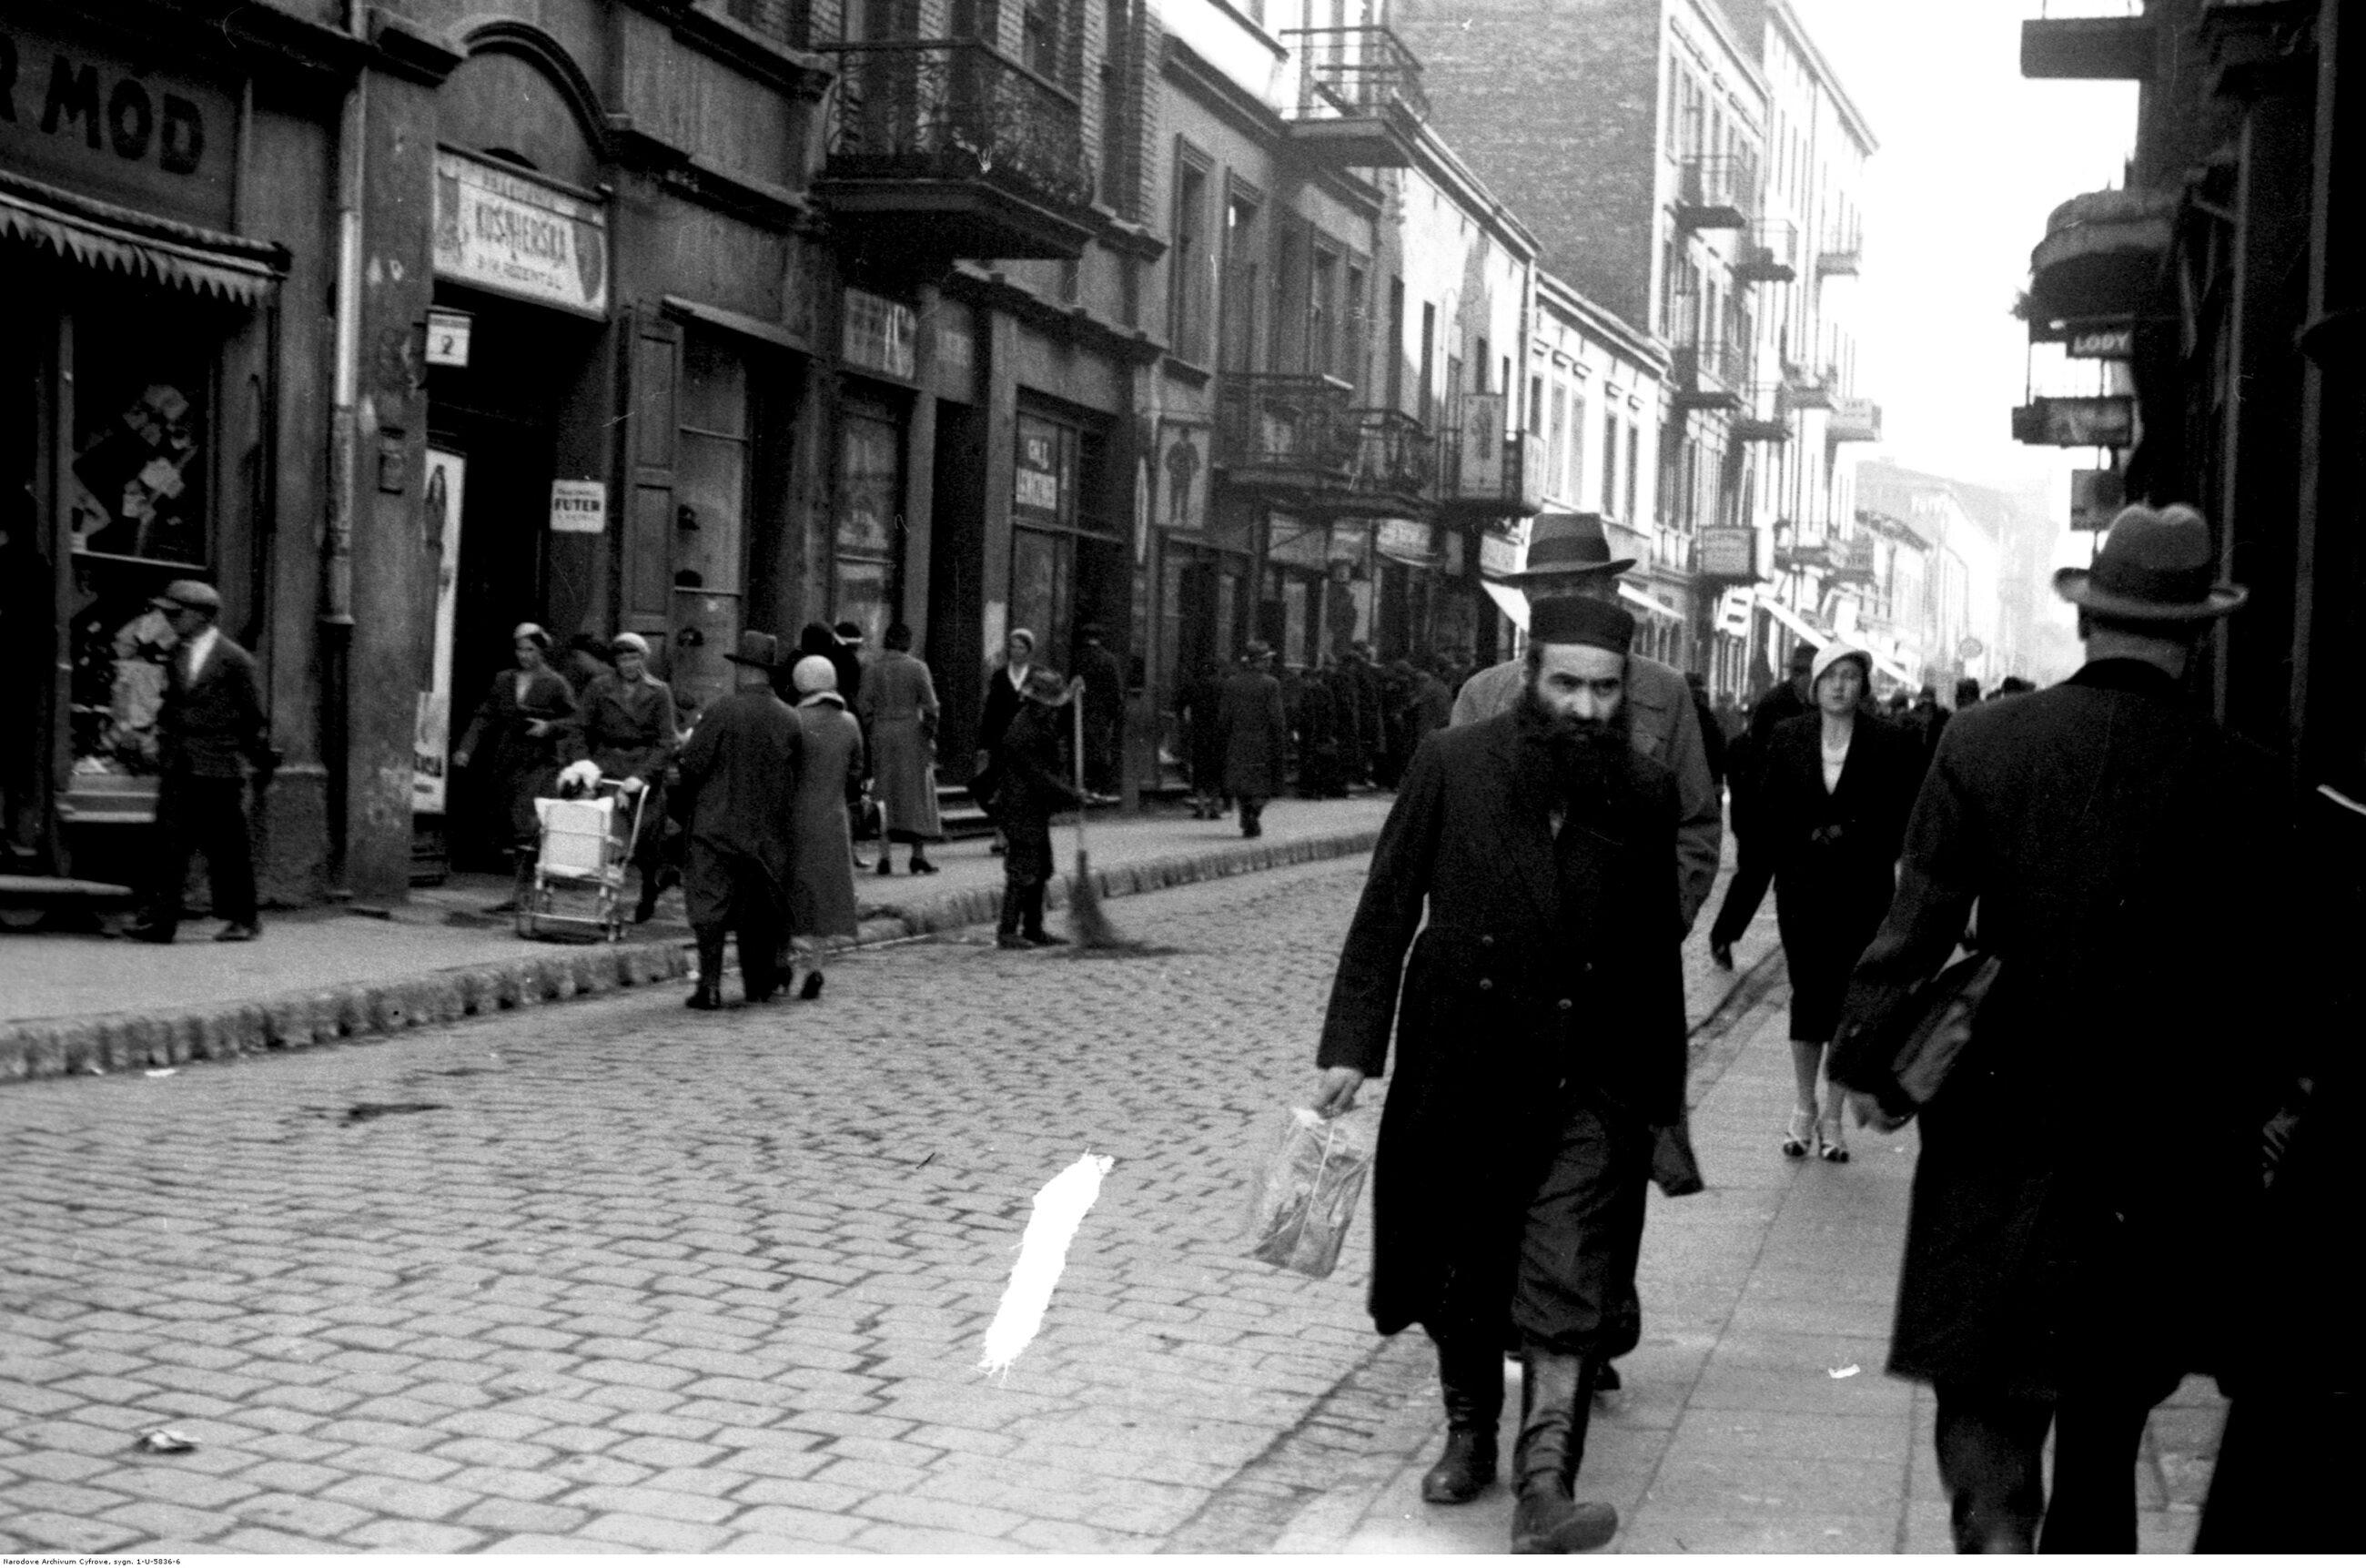 Sosnowiec Pierwszą dziesiątkę największych przedwojennych miast zamyka Sosnowiec. W 1939 r. było to drugie co do wielkości - po Częstochowie - miasto woj. kieleckiego. Liczba ludności w 1939 r.: 130 tys., obecnie: 206 tys. Na zdjęciu: Sosnowiec w sierpniu 1933 r.